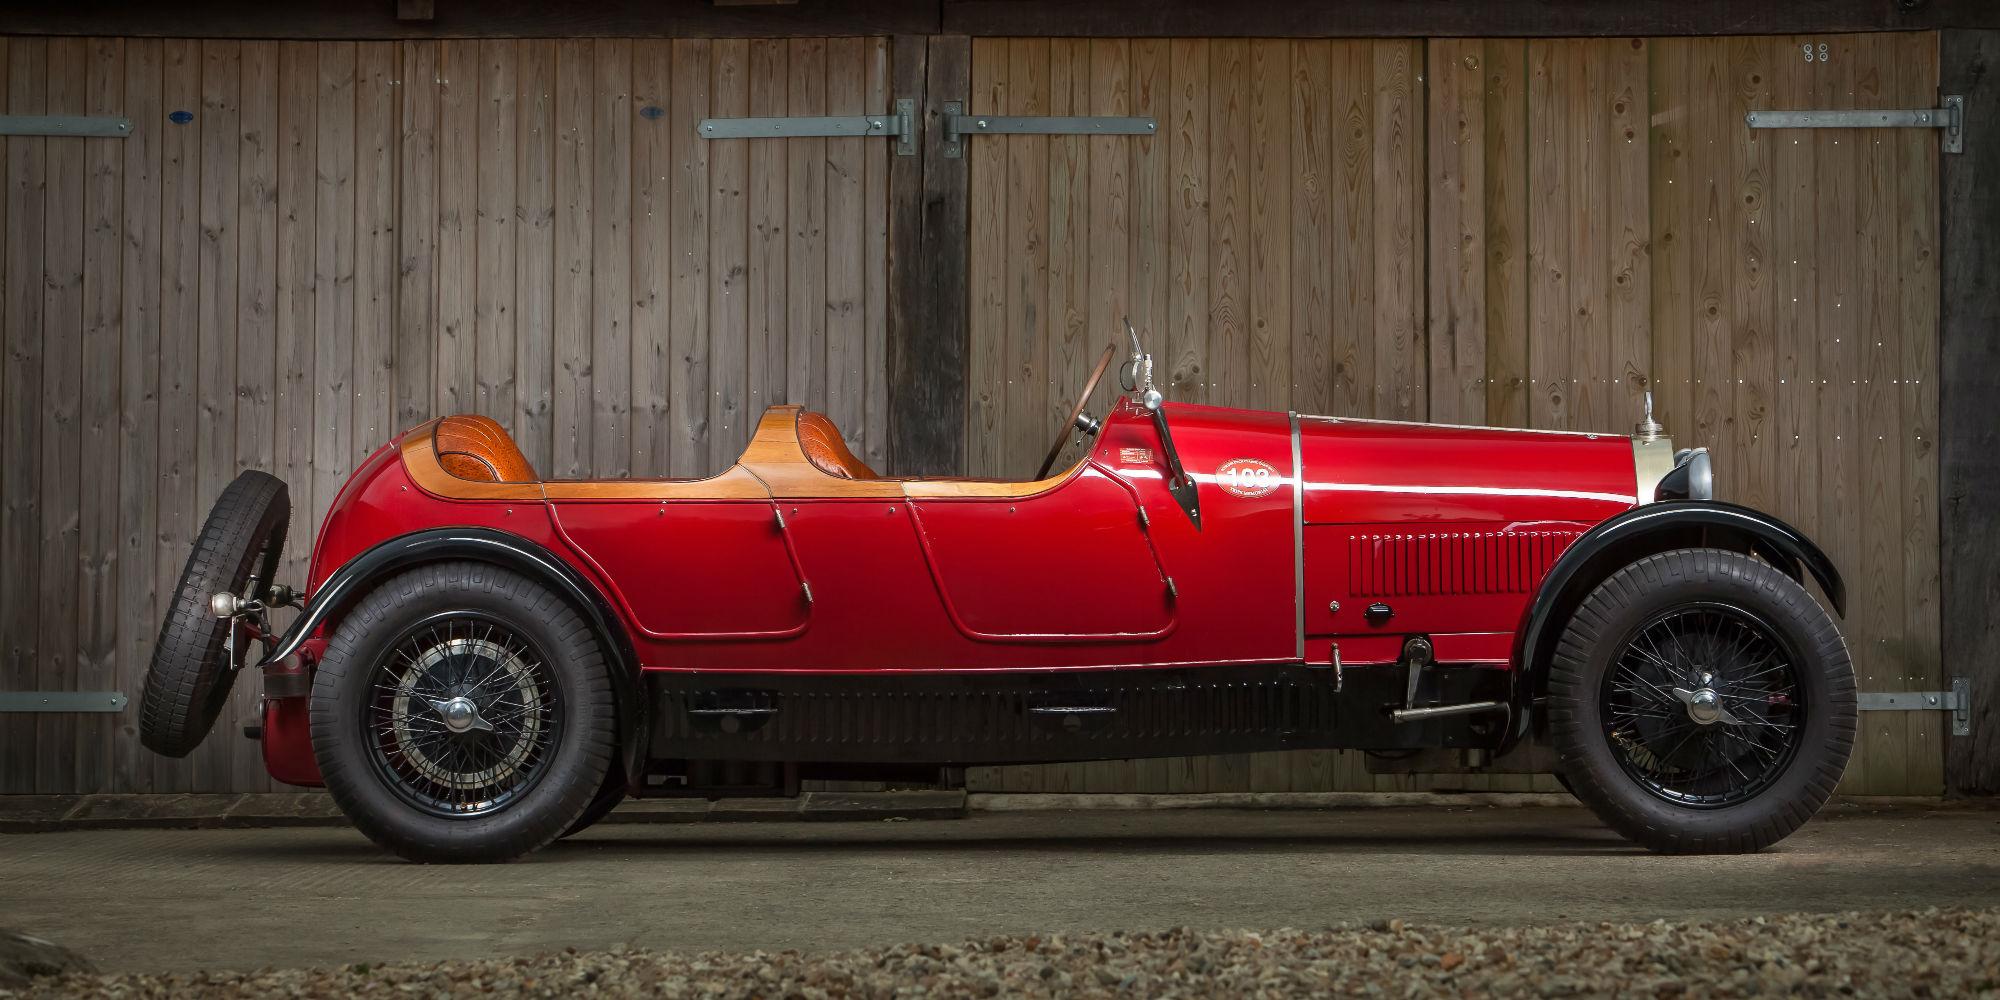 Used Elliptical For Sale >> 1926 Bugatti Type 38 For Sale | William I'Anson Ltd.